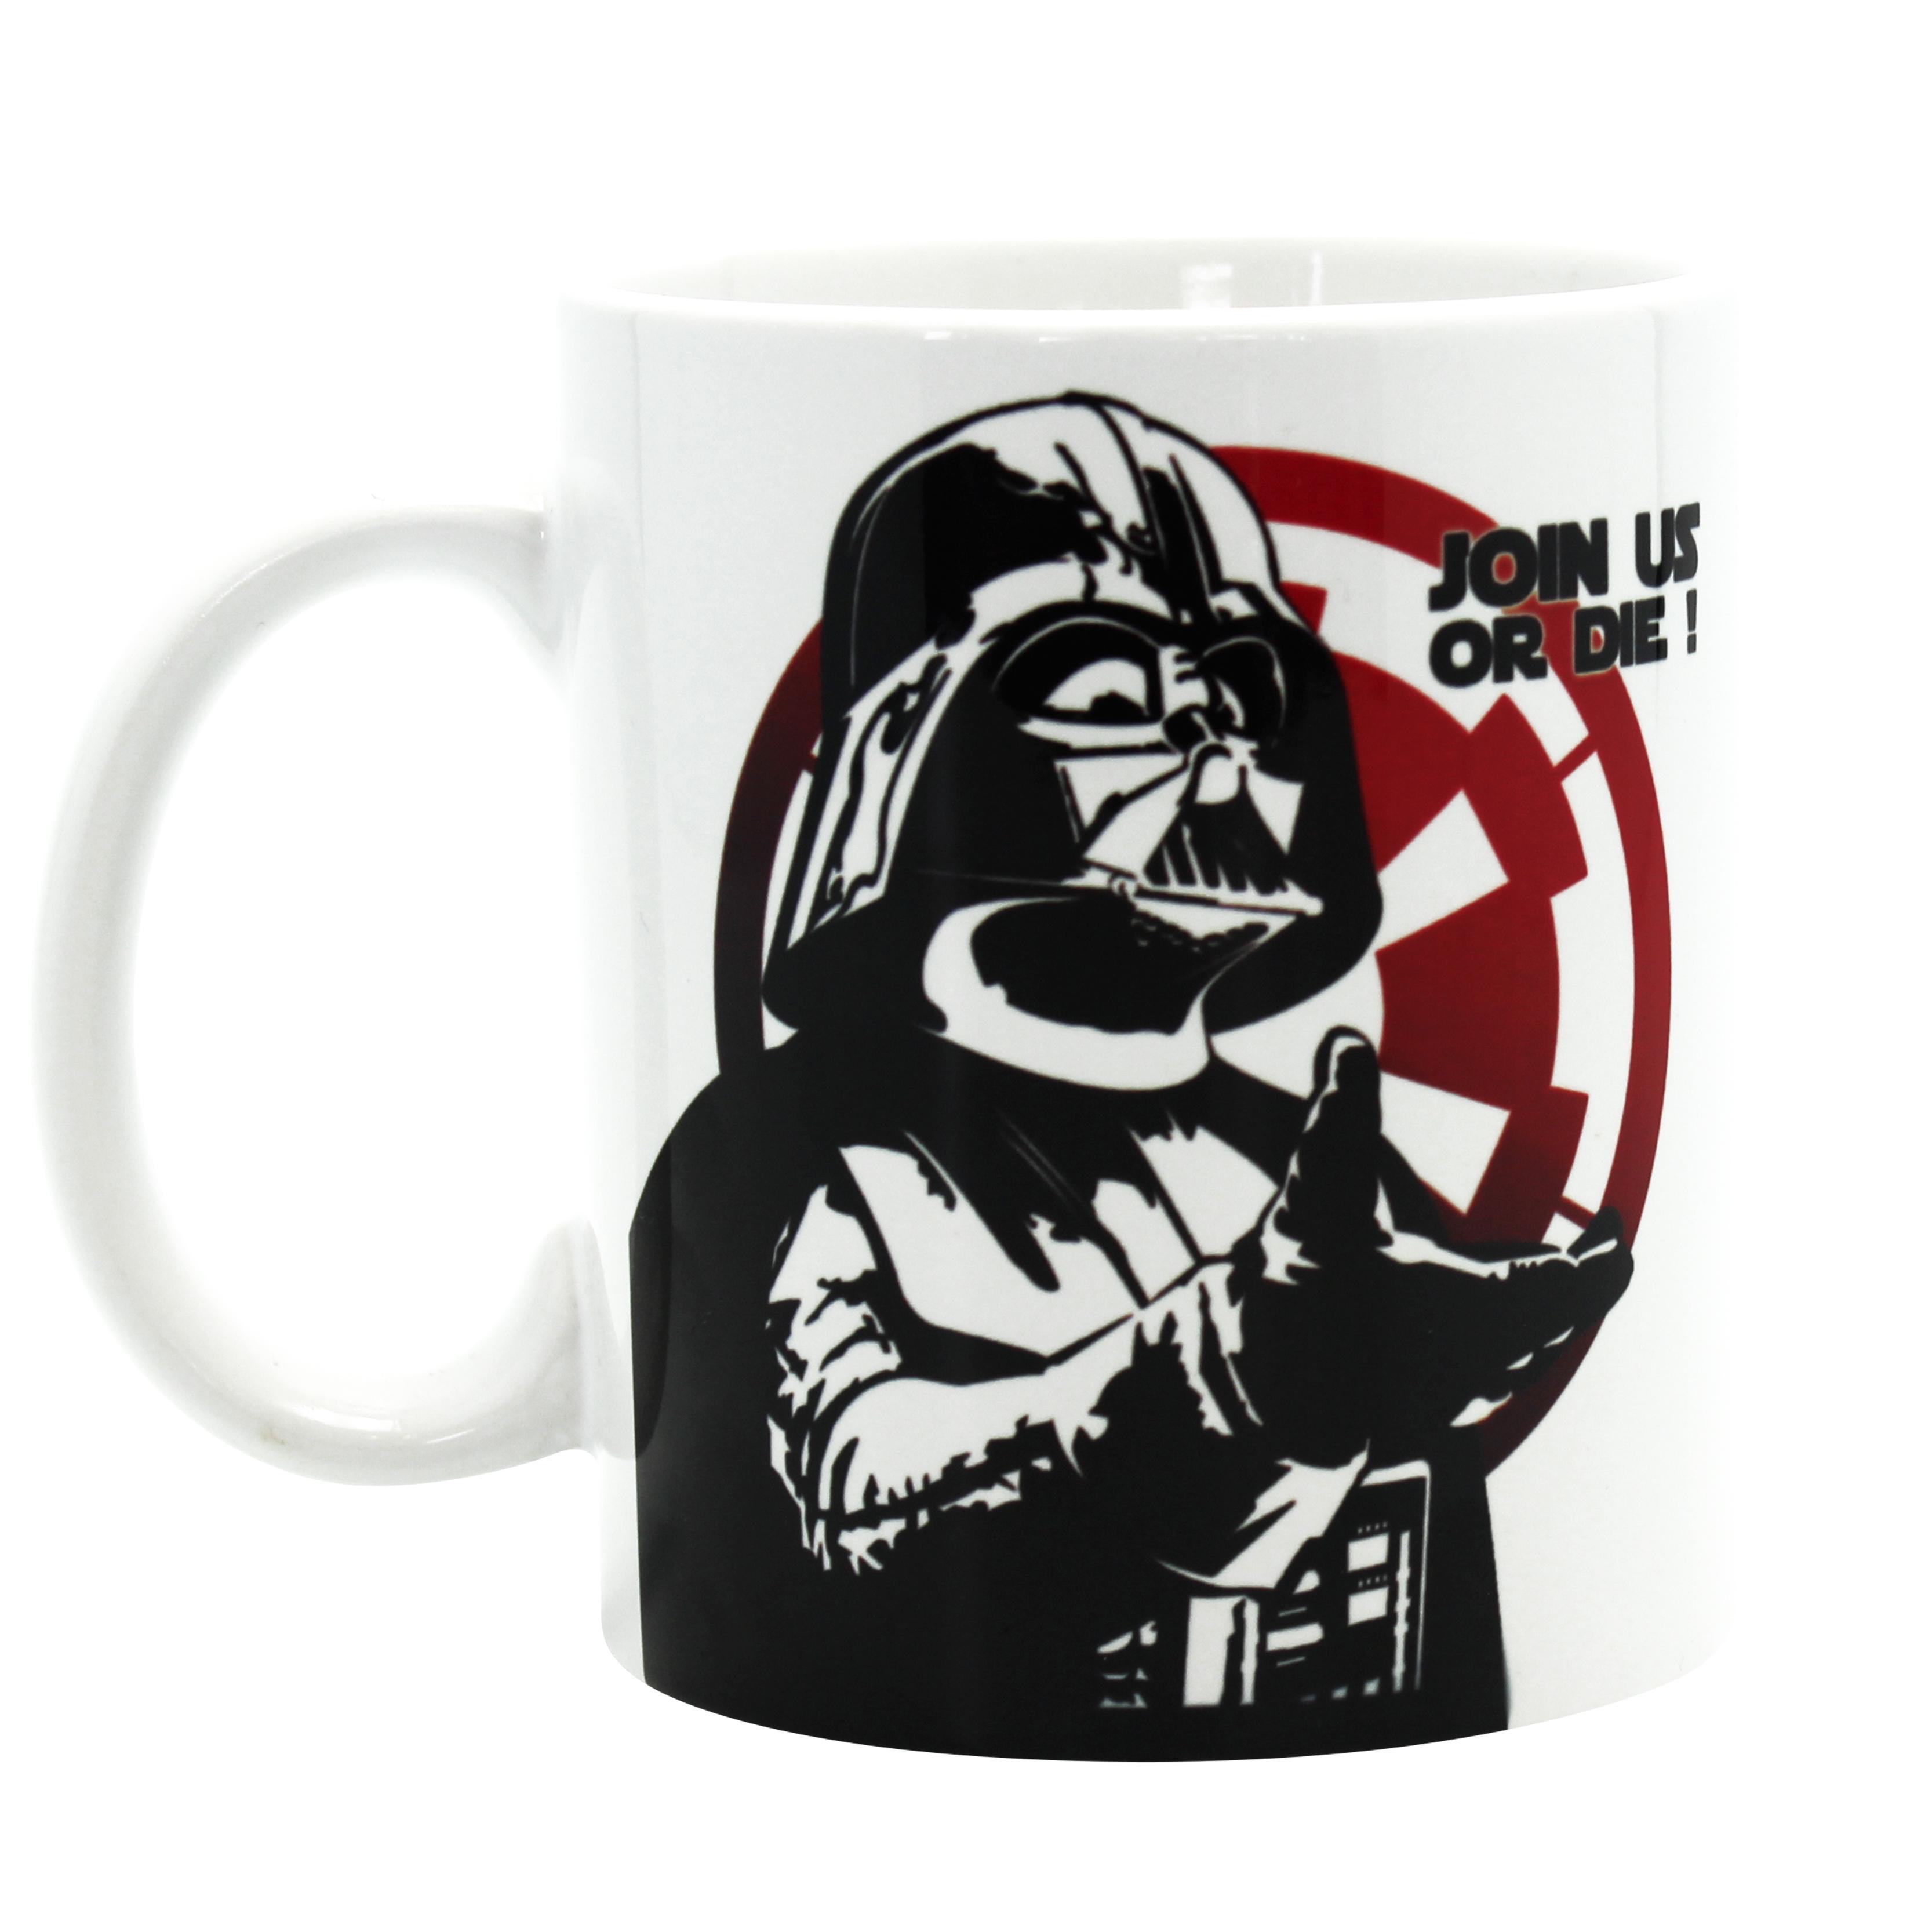 Star wars - Darth Vader Join us mugg thumbnail